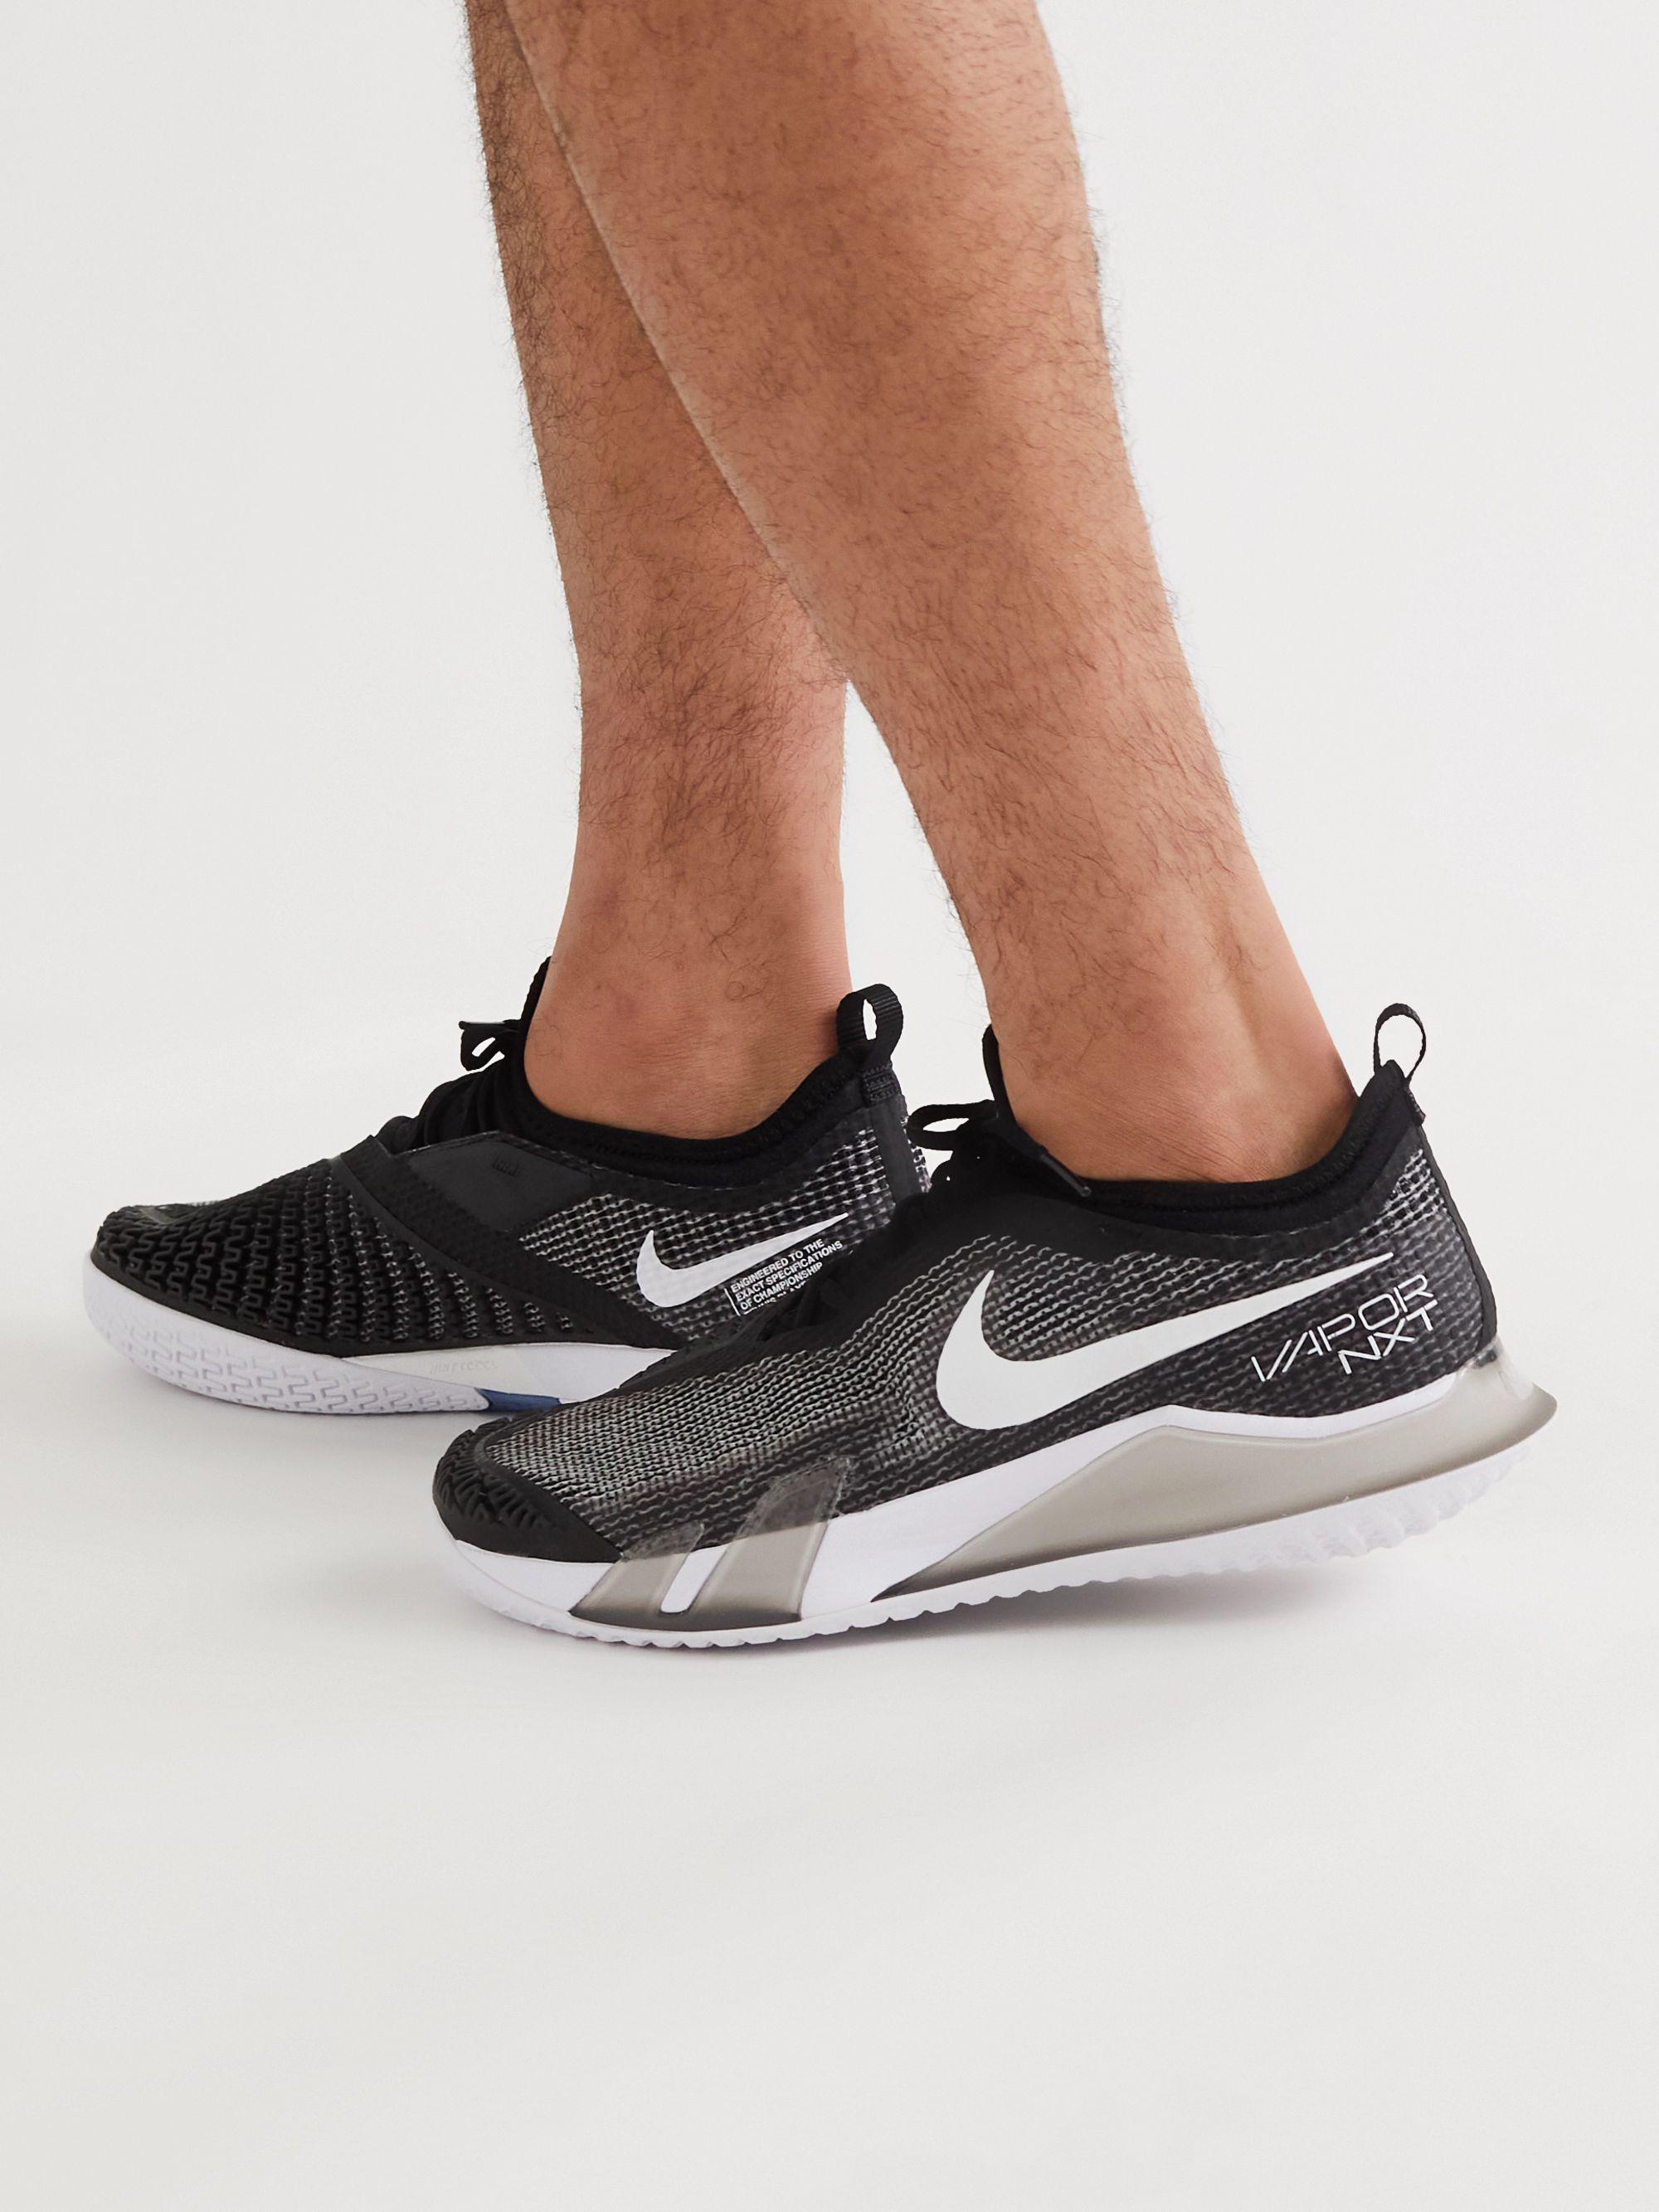 NikeCourt React Vapor NXT Rubber-Trimmed Mesh Tennis Sneakers